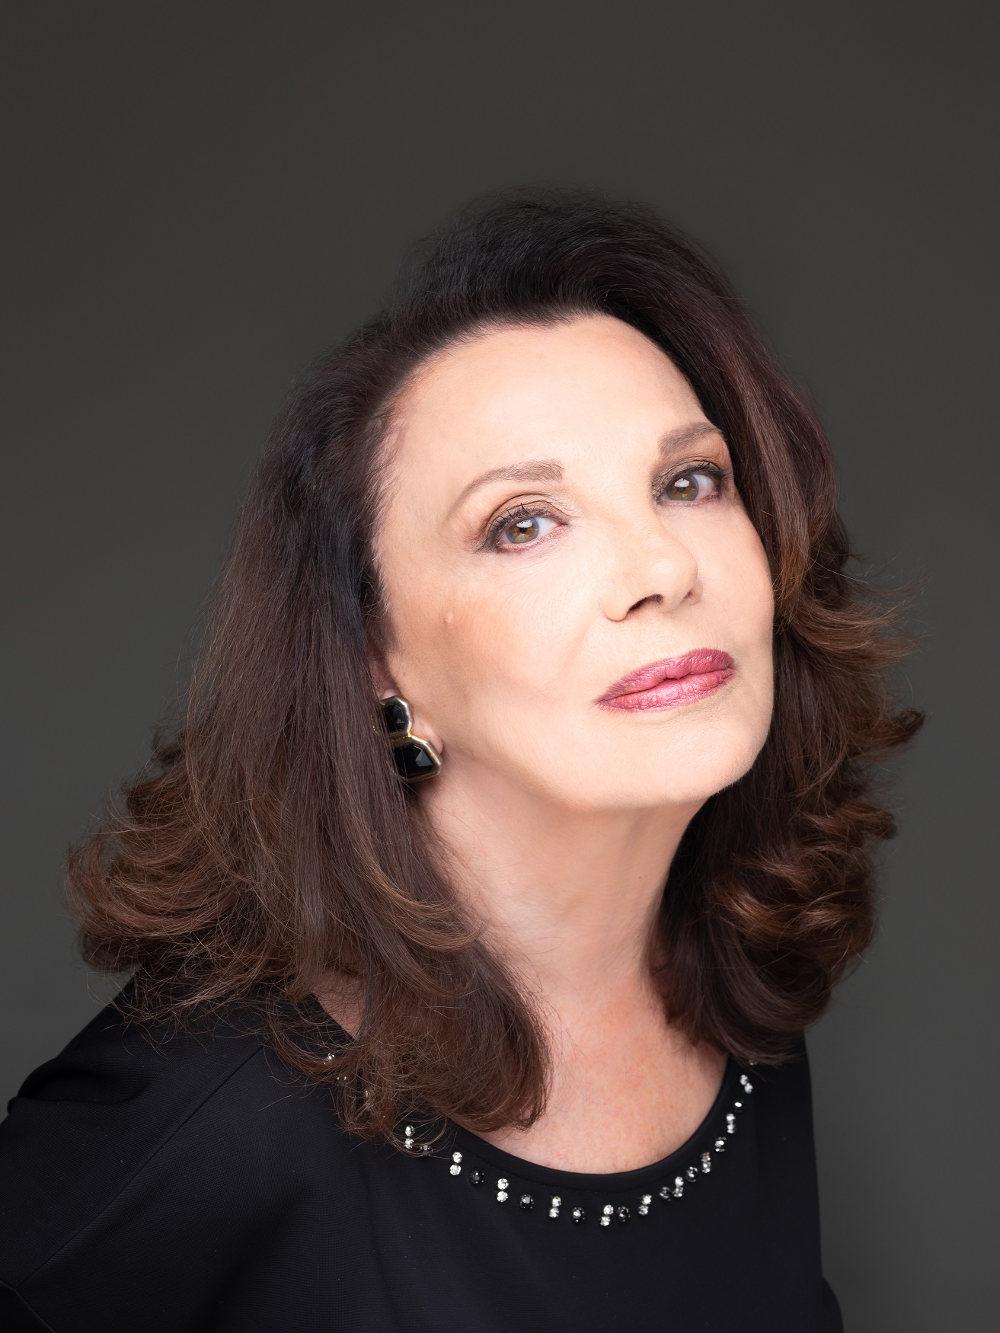 Η Μπέττυ Λιβανού πρωταγωνιστεί στη νέα σειρά του ALPHA, «Έρωτας Μετά»